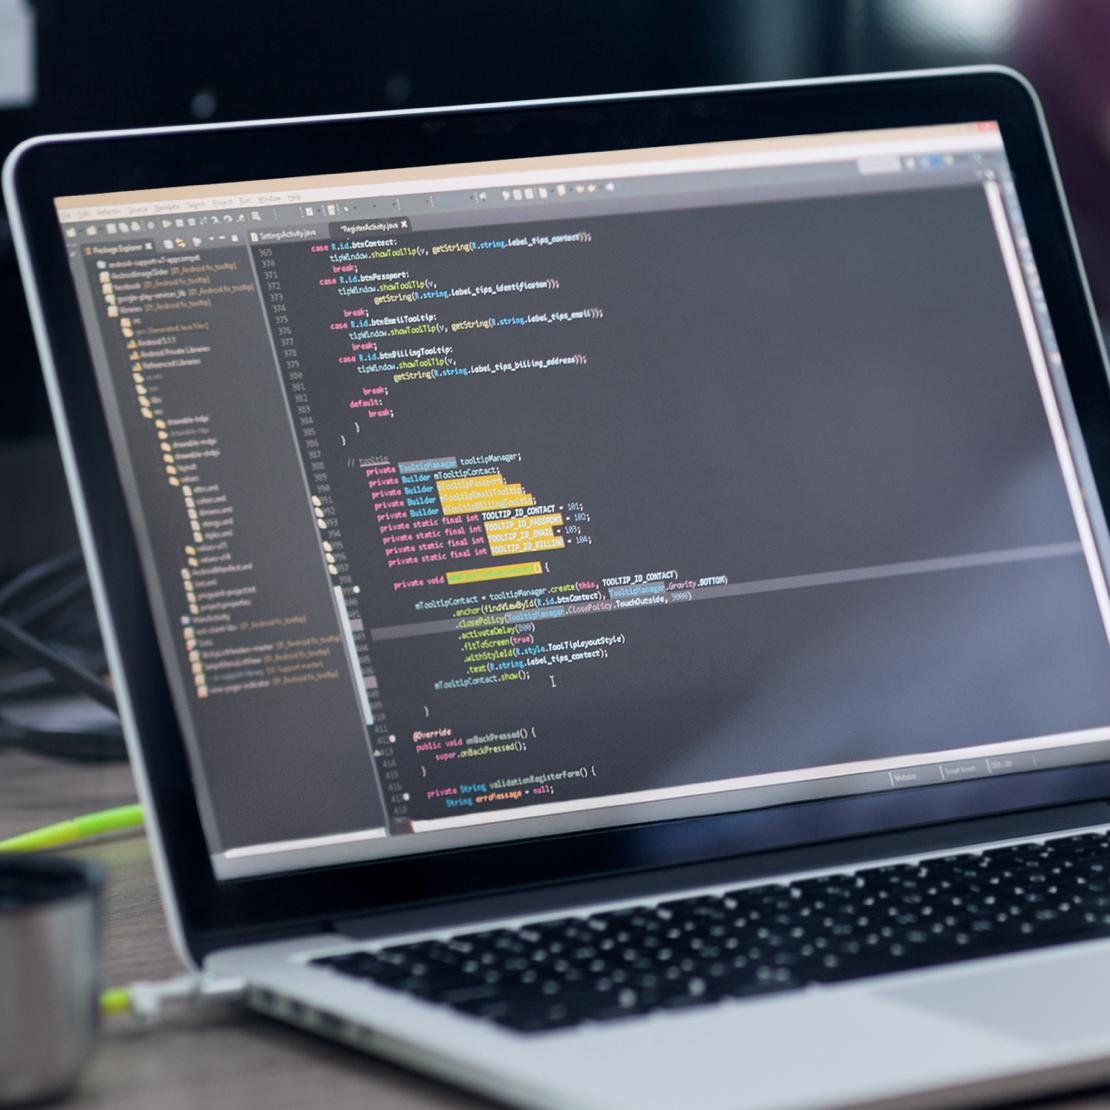 Quali altre caratteristiche ricerchiamo in un Mobile Developer